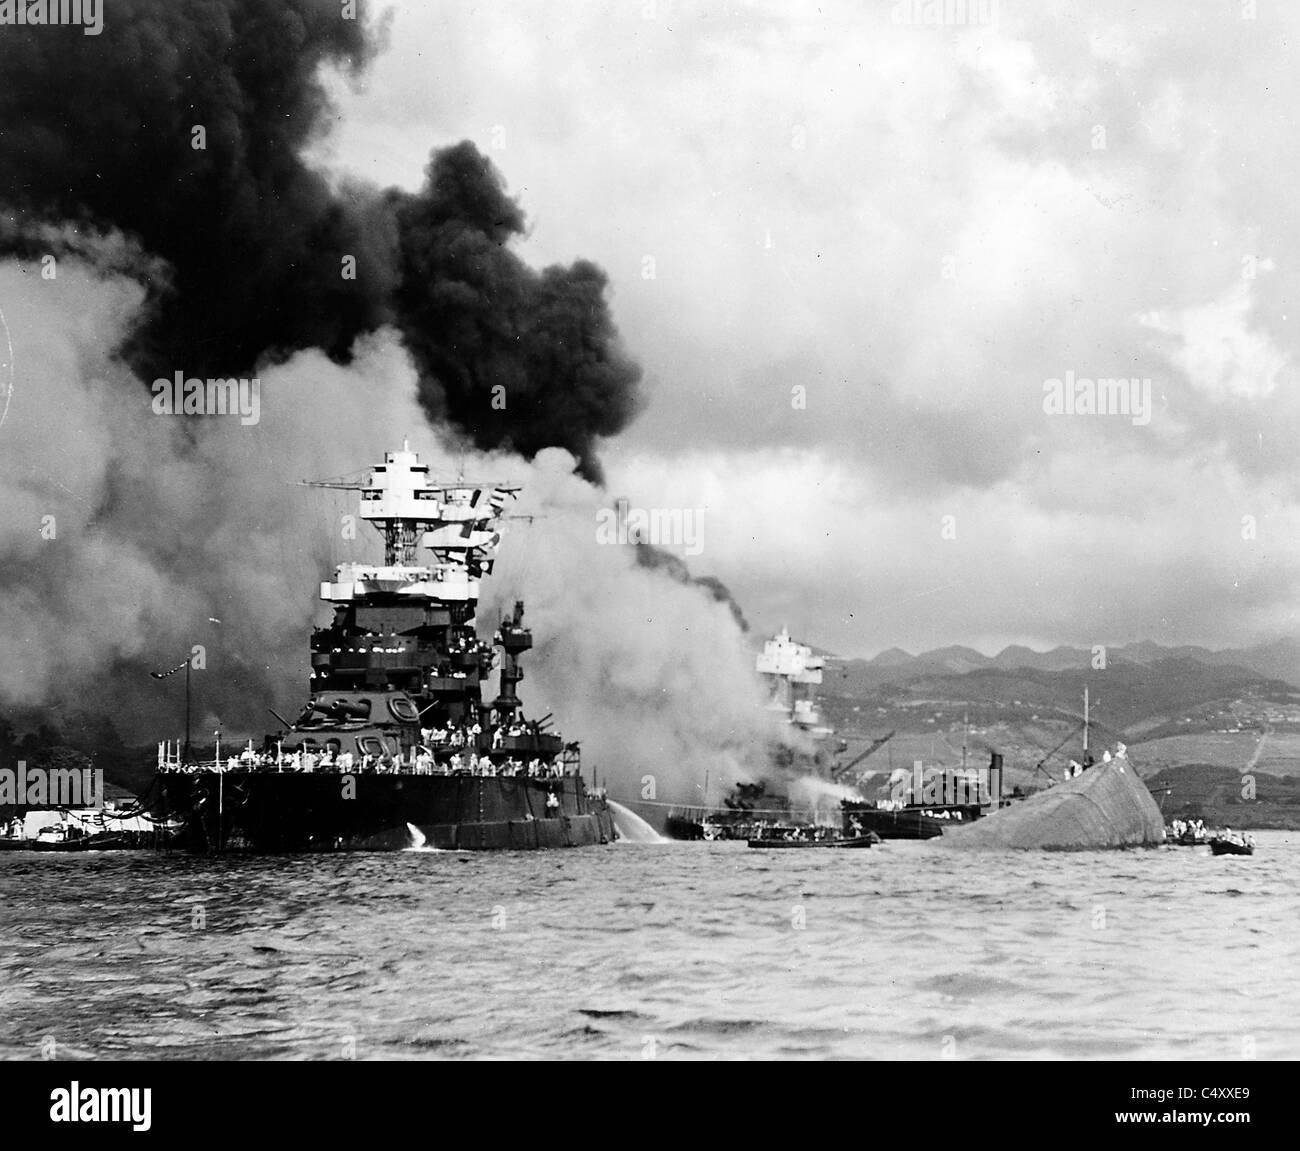 Maryland alongside the capsized Oklahoma at Pearl Harbor, Hawaii. Stock Photo